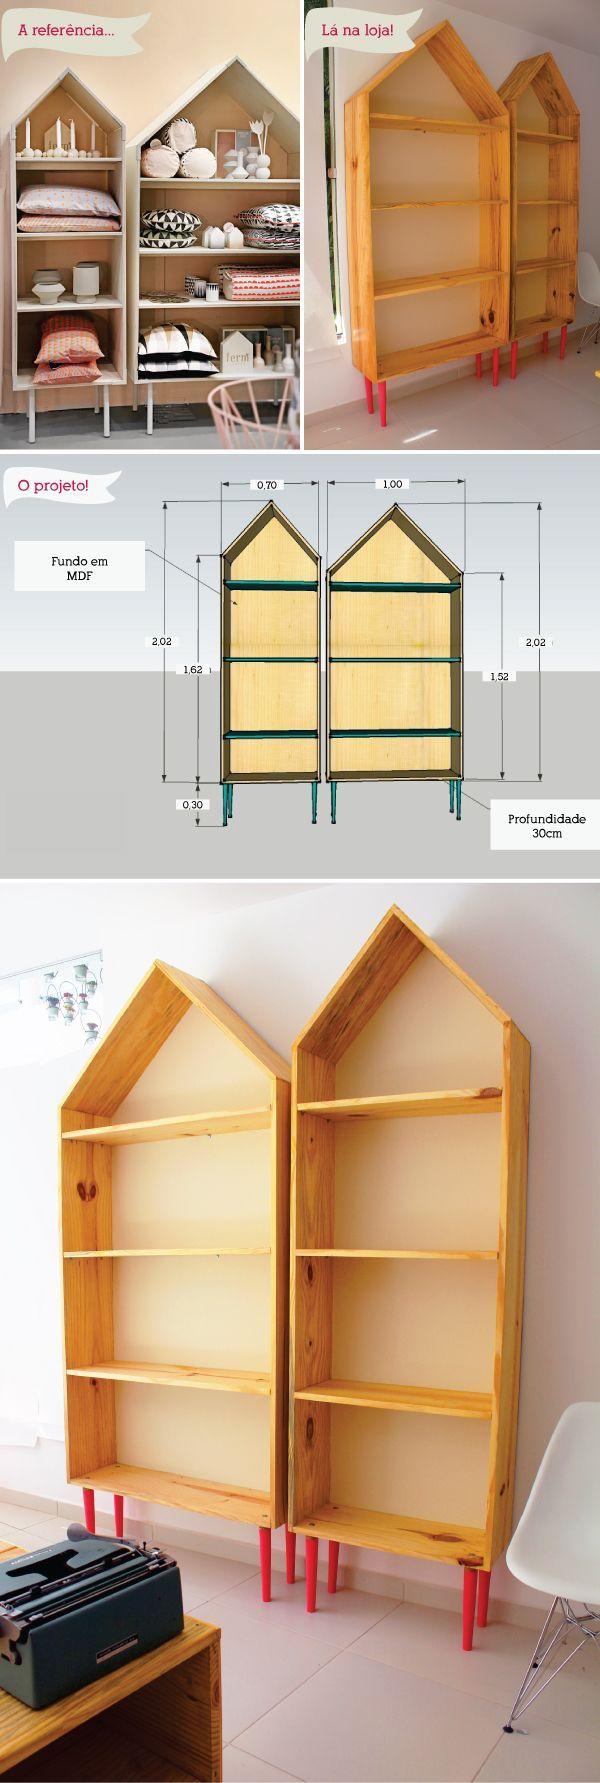 O andamento da lojinha e os projetos dos móveis: